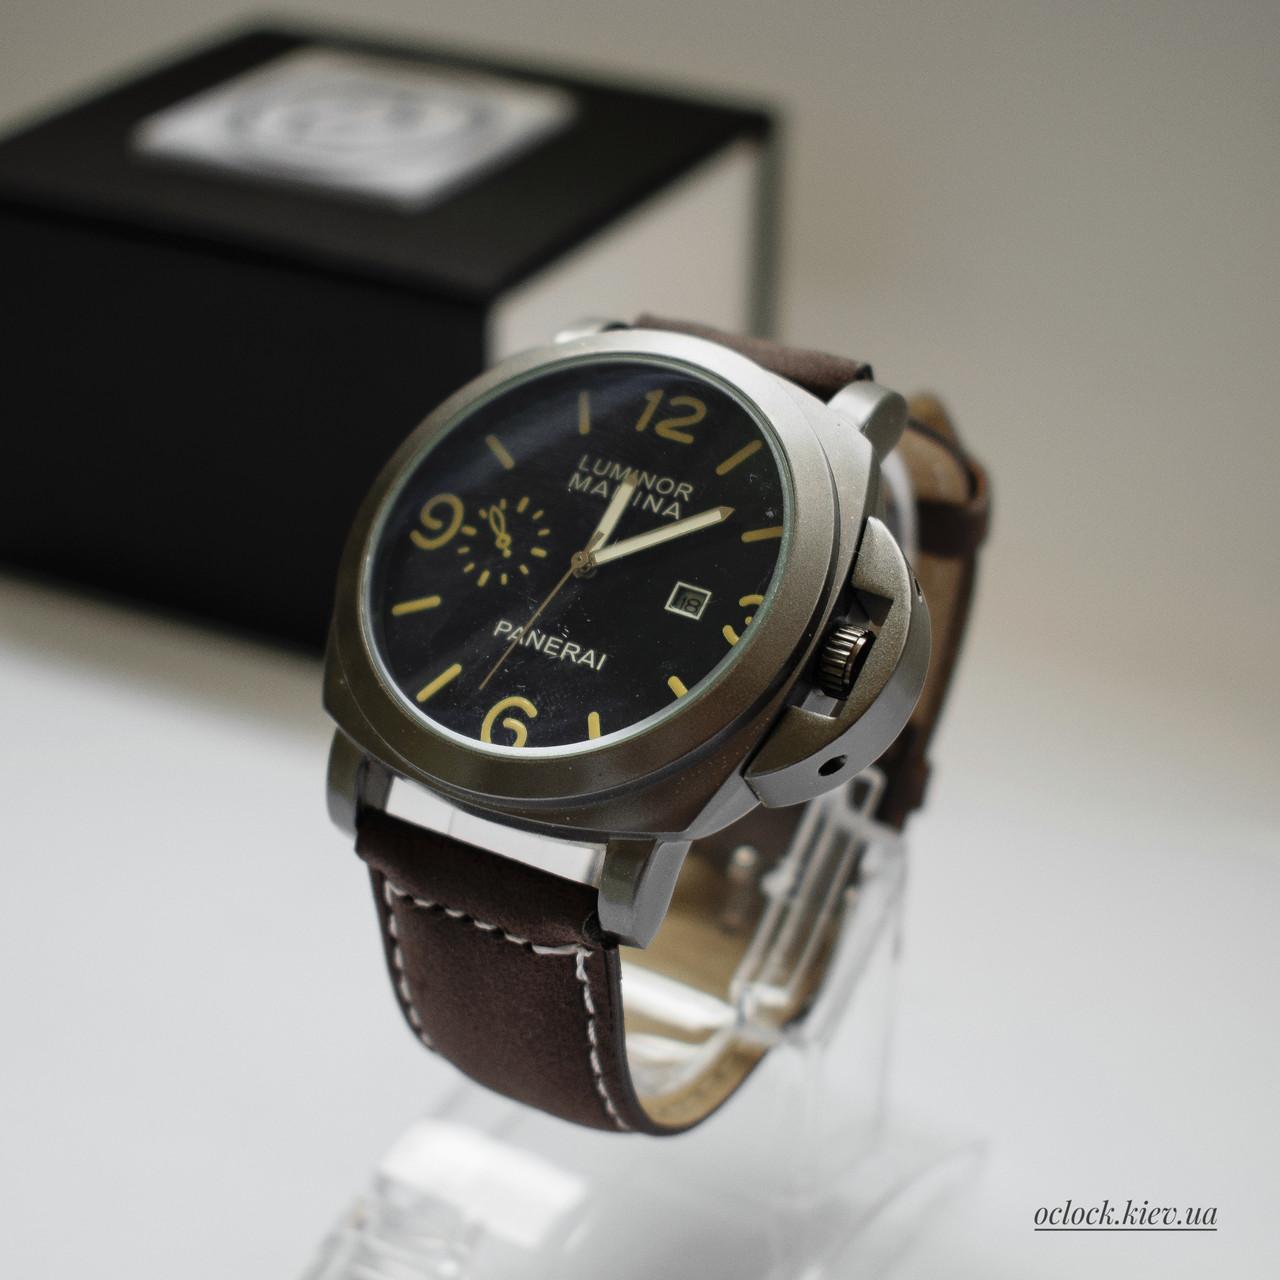 Мужские часы Luminor Panerai (replica)